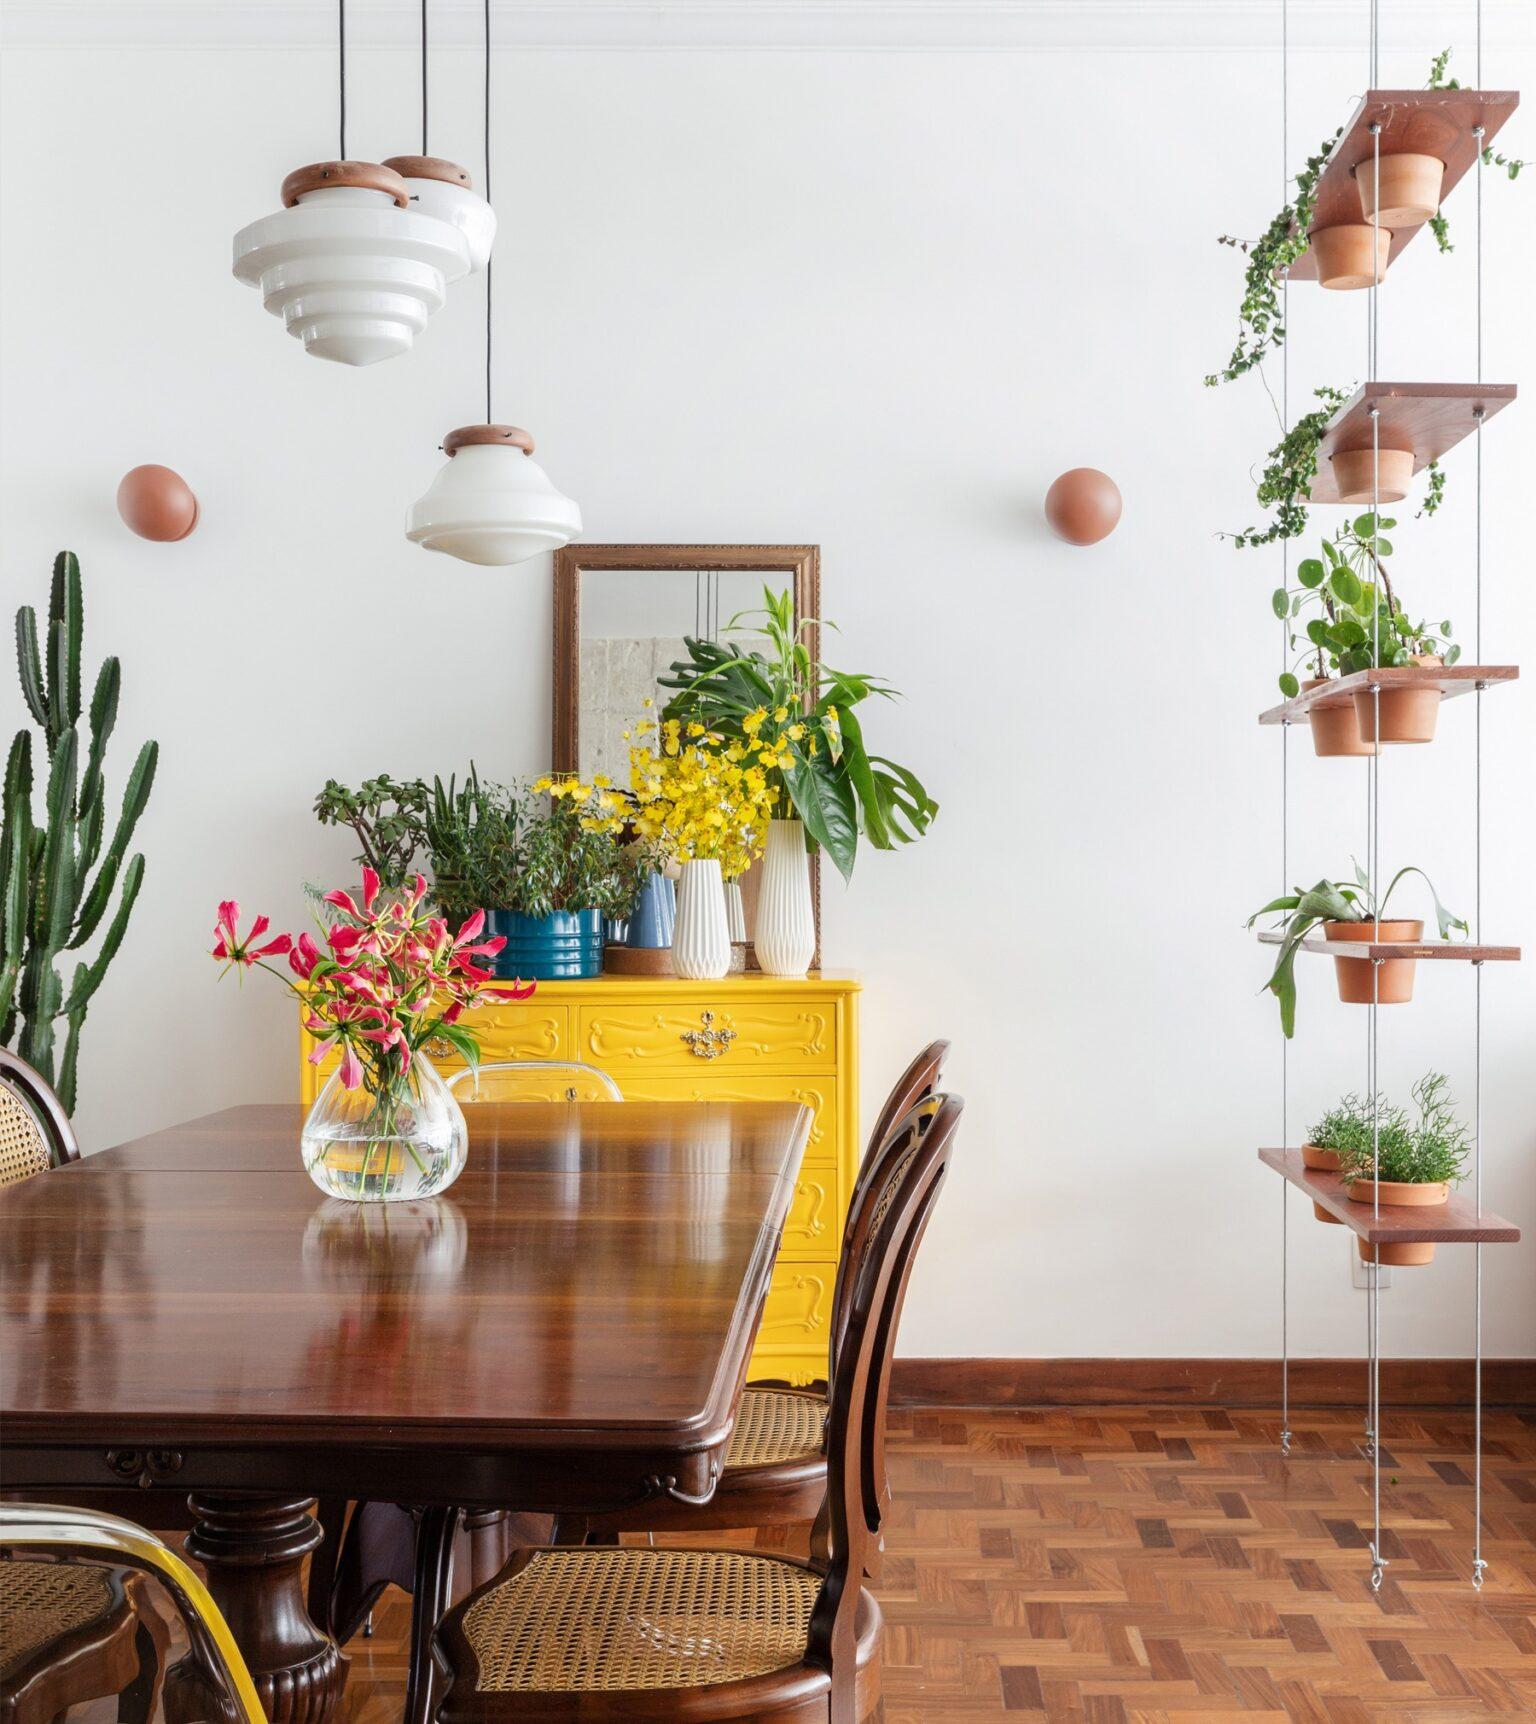 detalhe sala com cadeiras de madeira